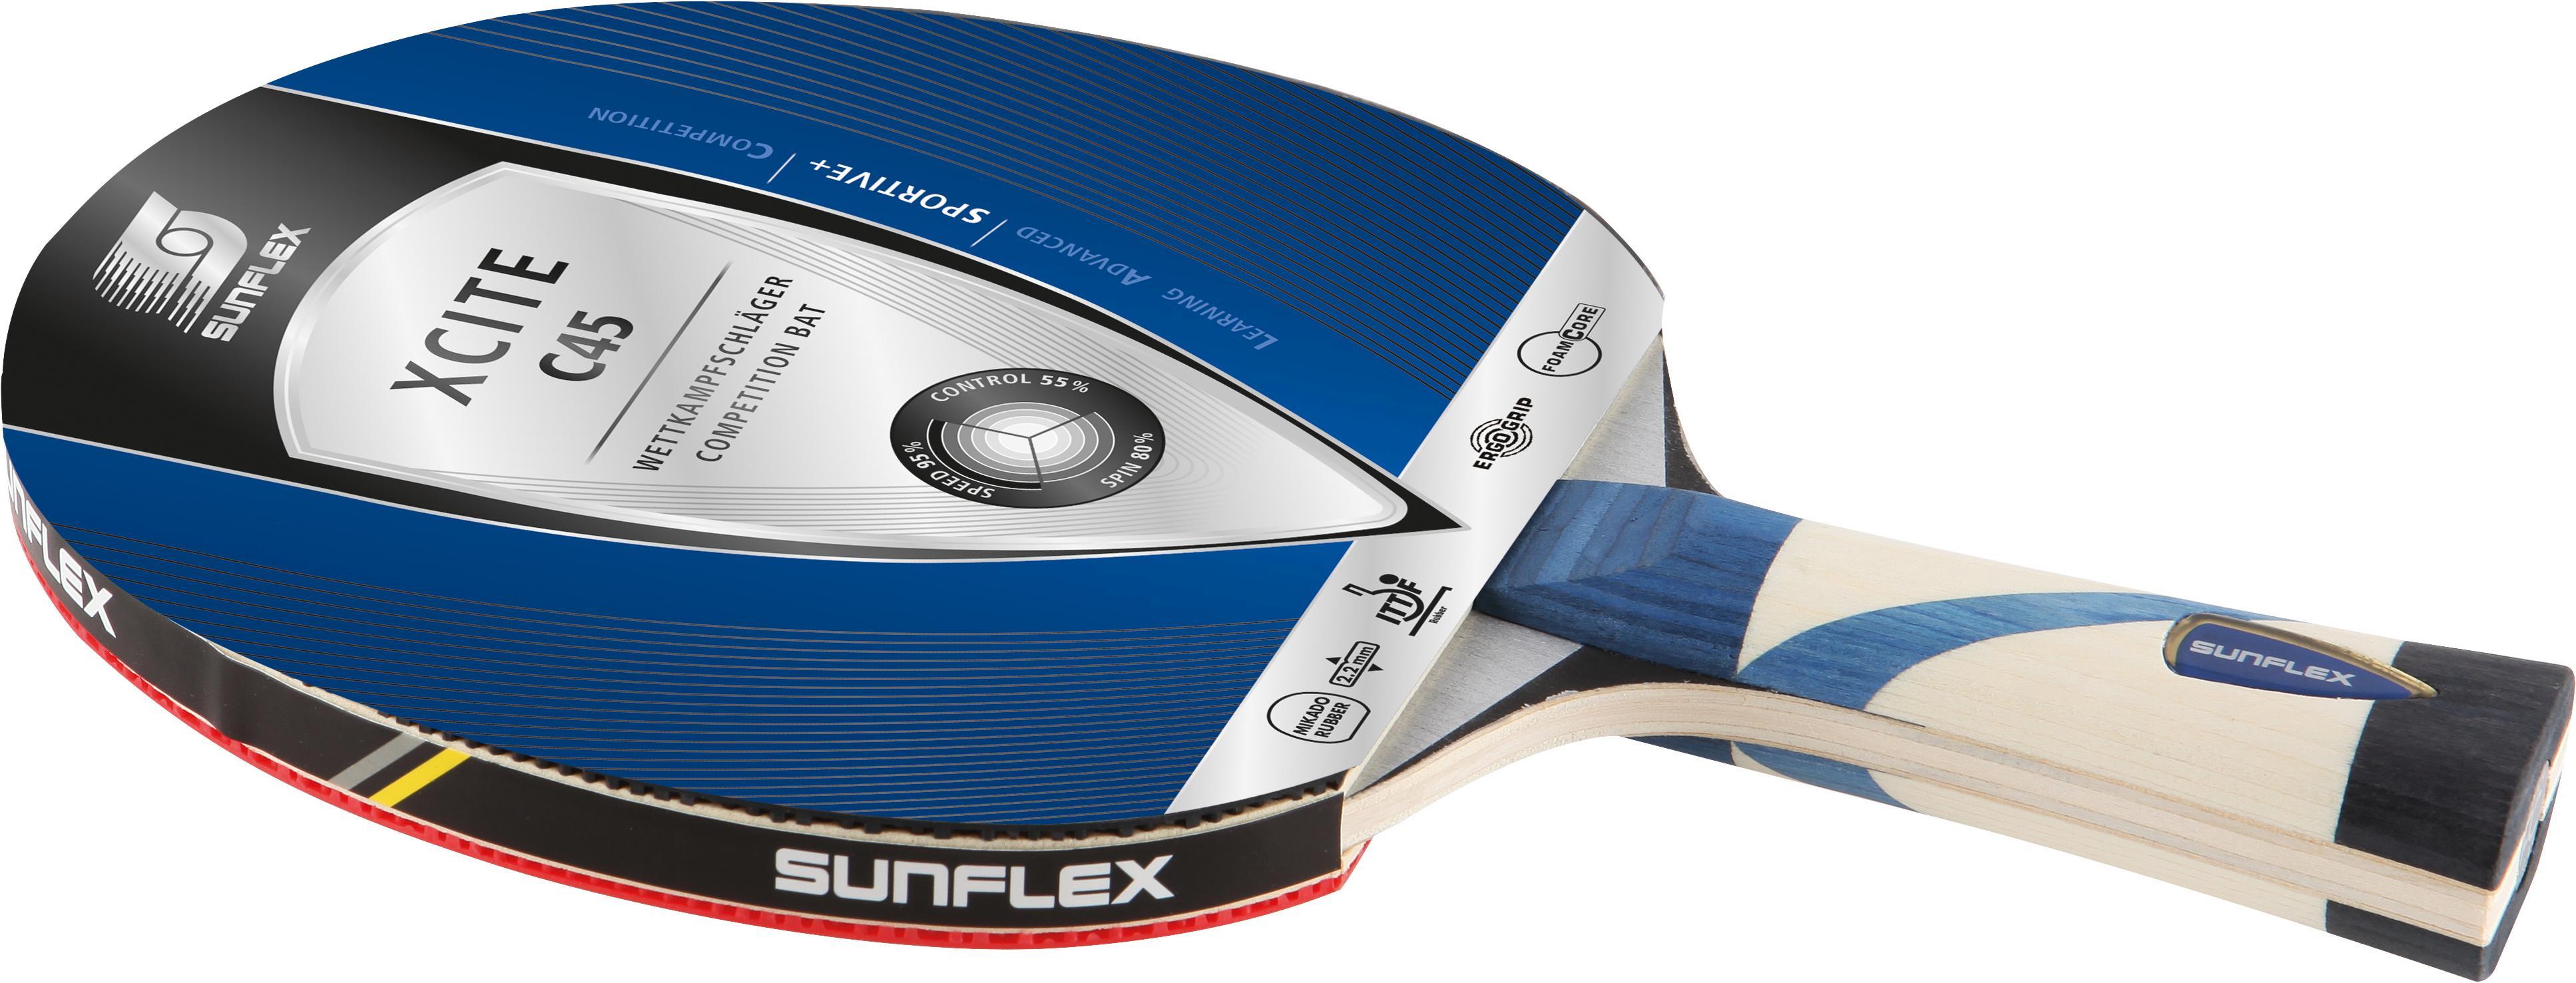 Sunflex Tischtennisschläger Xcite C45 blau Tischtennis-Ausrüstung Tischtennis Sportarten